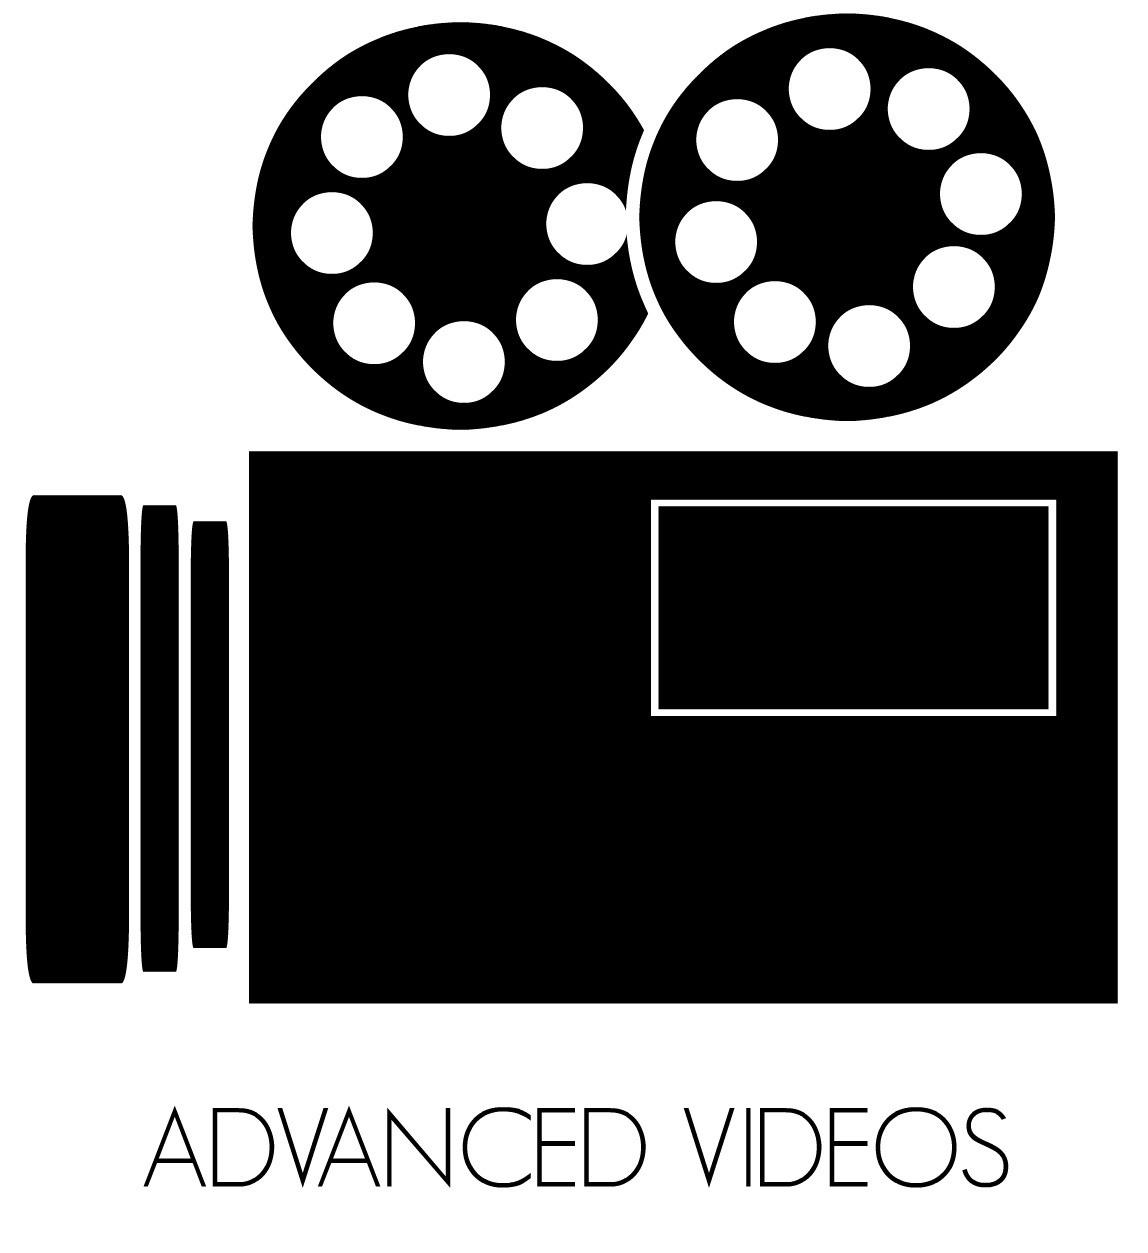 Advanced Video Icon SU.jpg